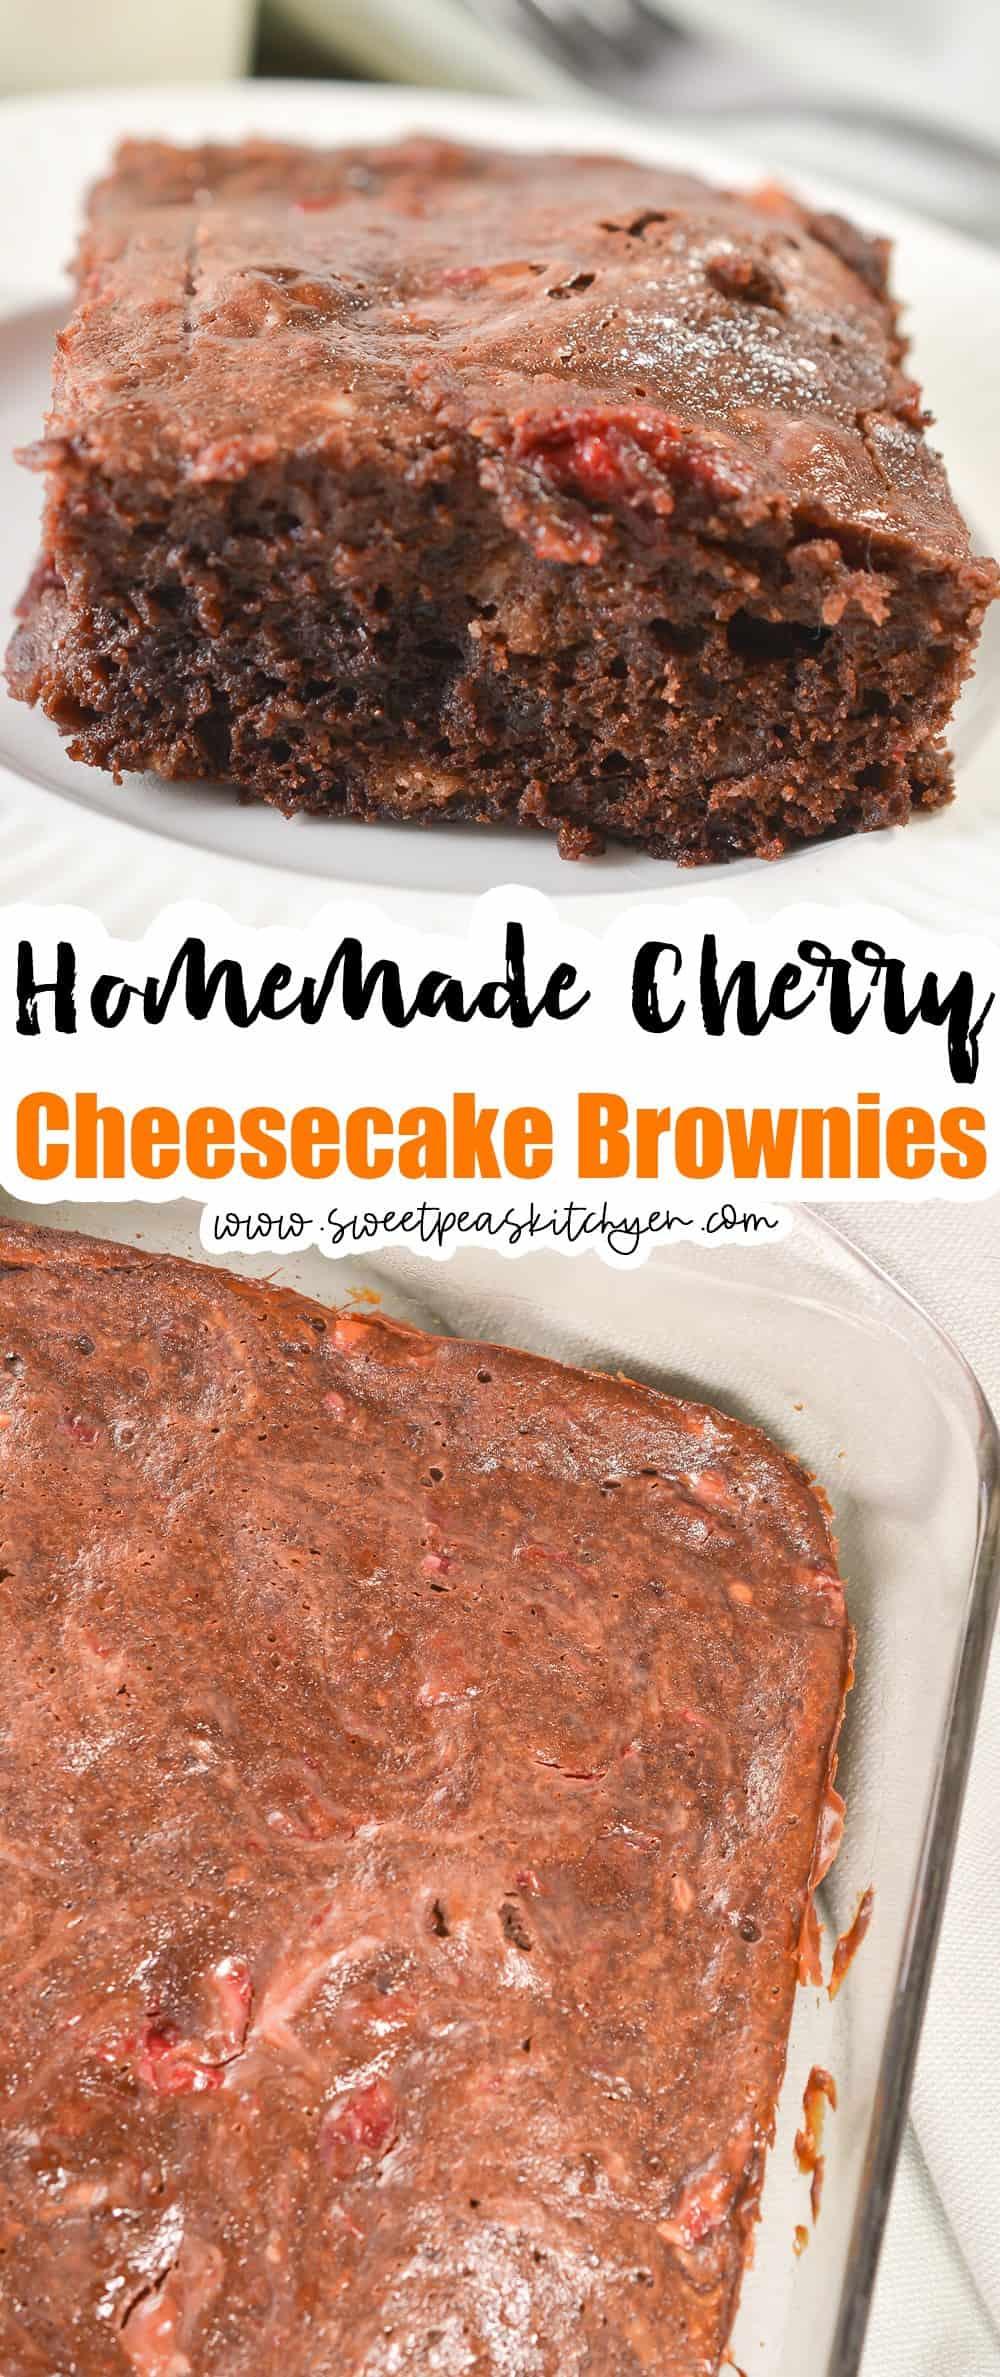 Cherry Cheesecake Brownies with Fresh Cherries